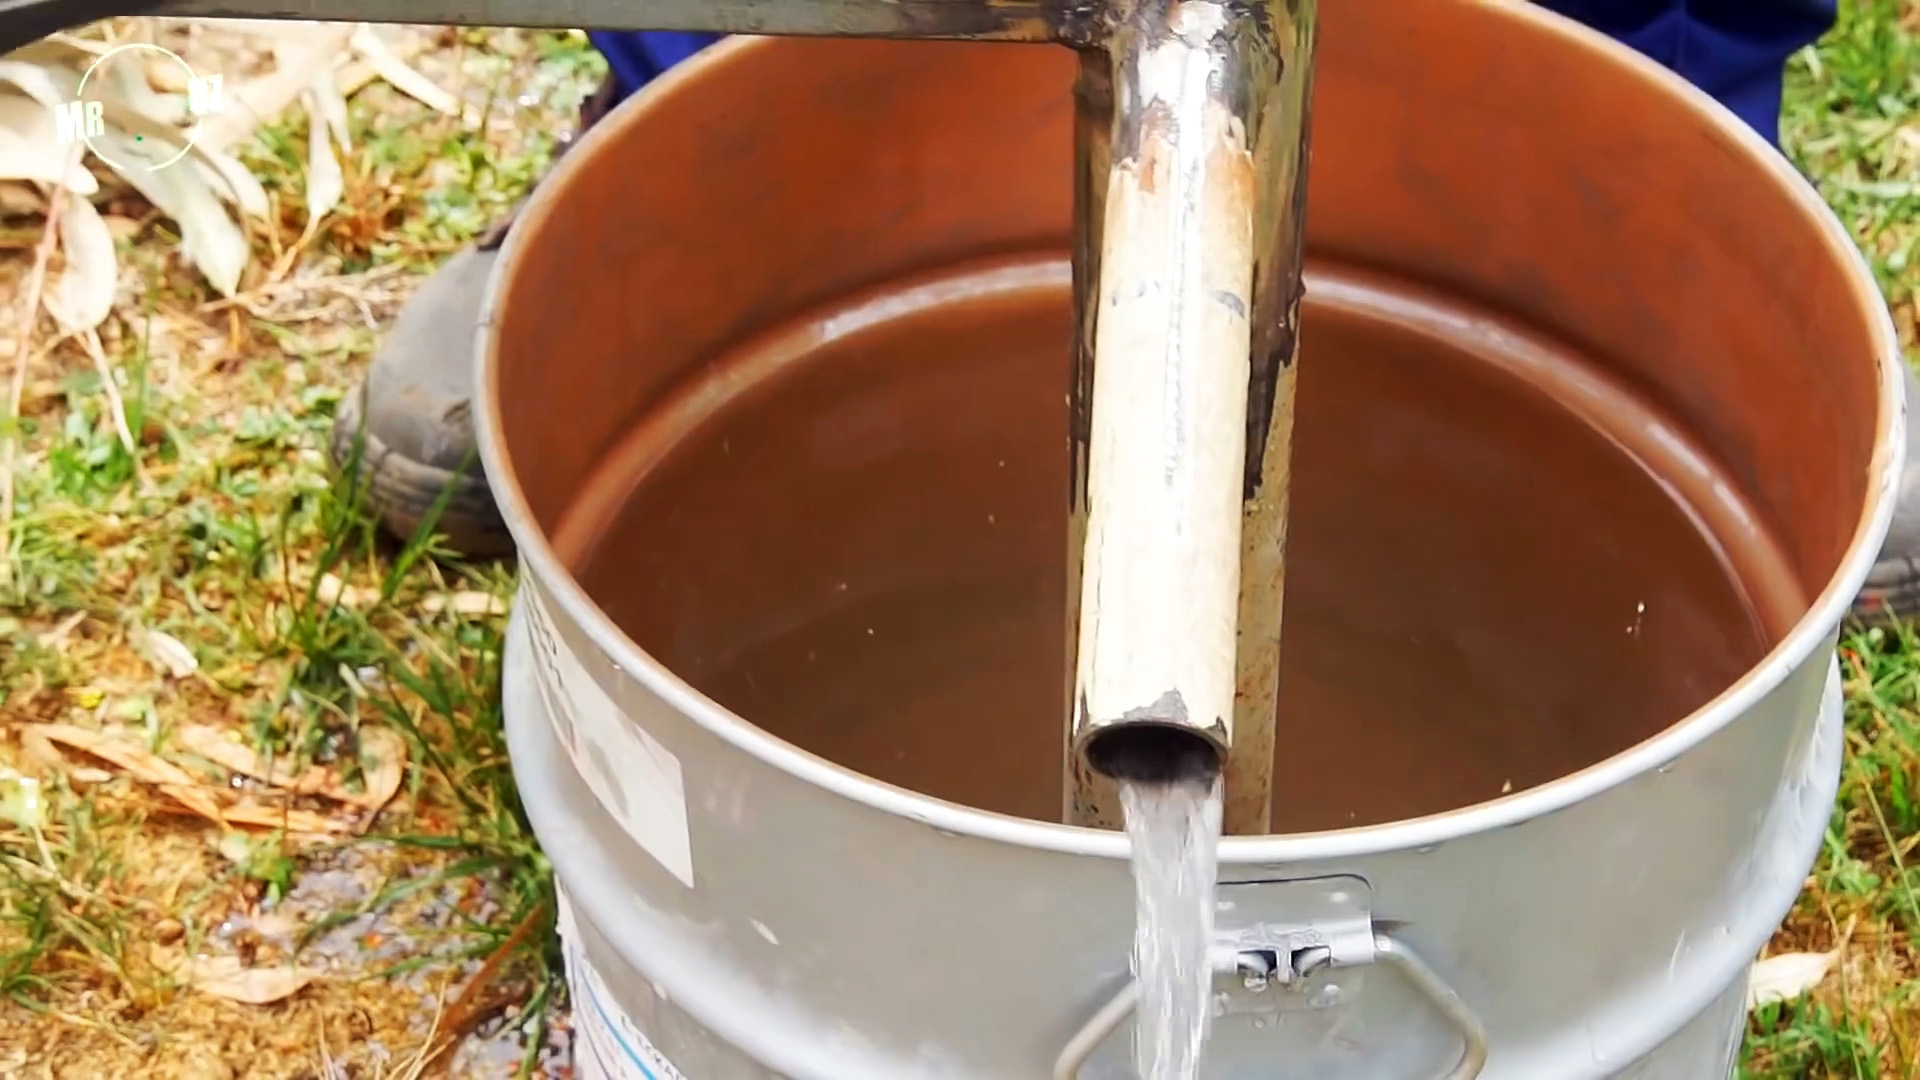 Как из хлама сделать ручной насос для перекачки воды